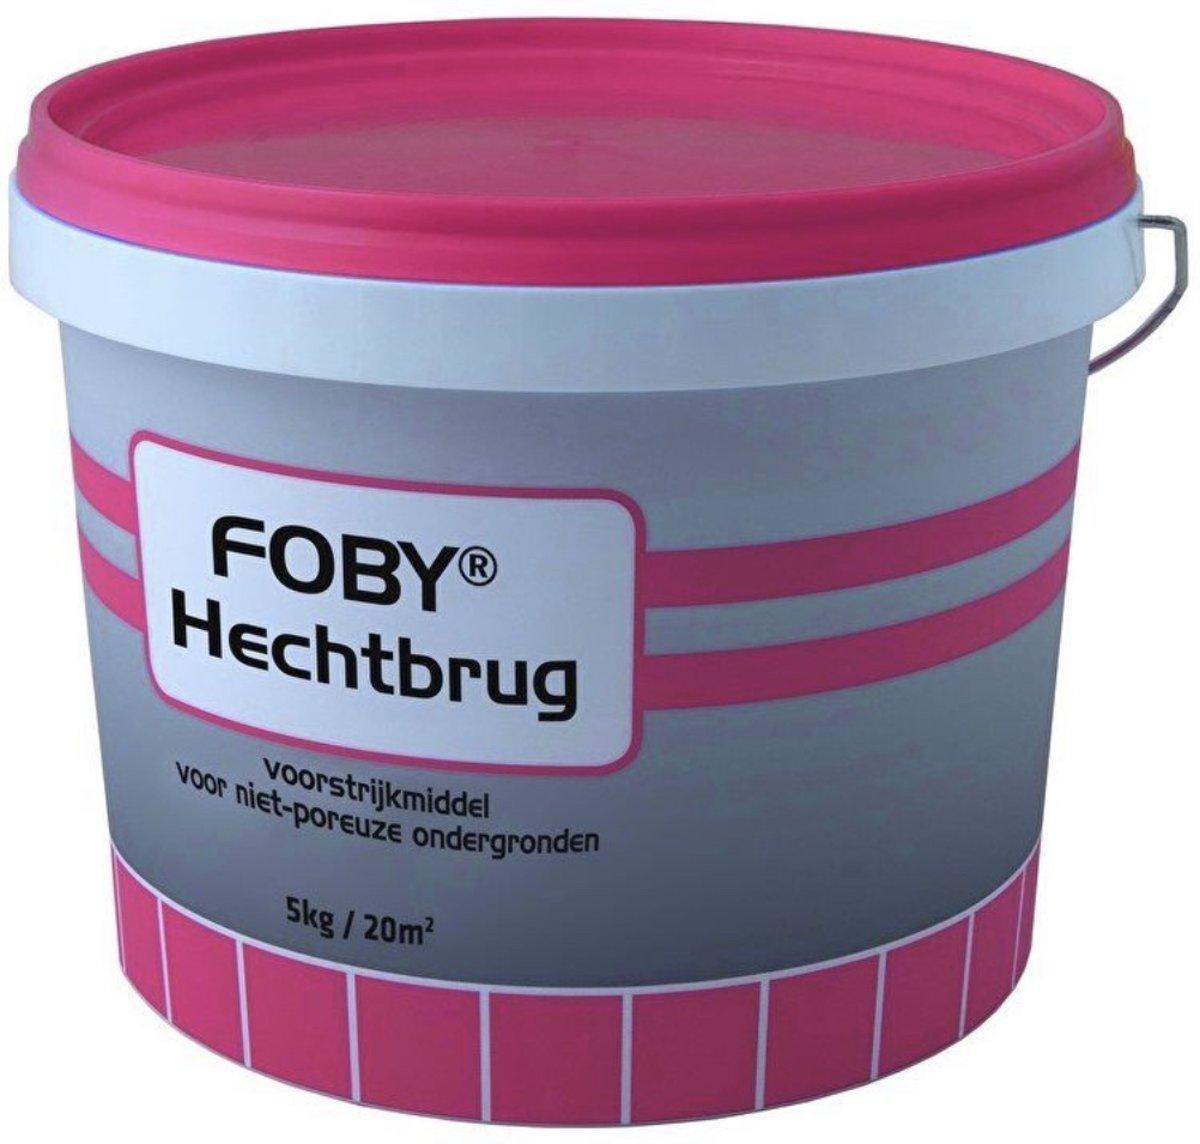 FOBY Hechtbrug voorstrijkmiddel 5 kg kopen